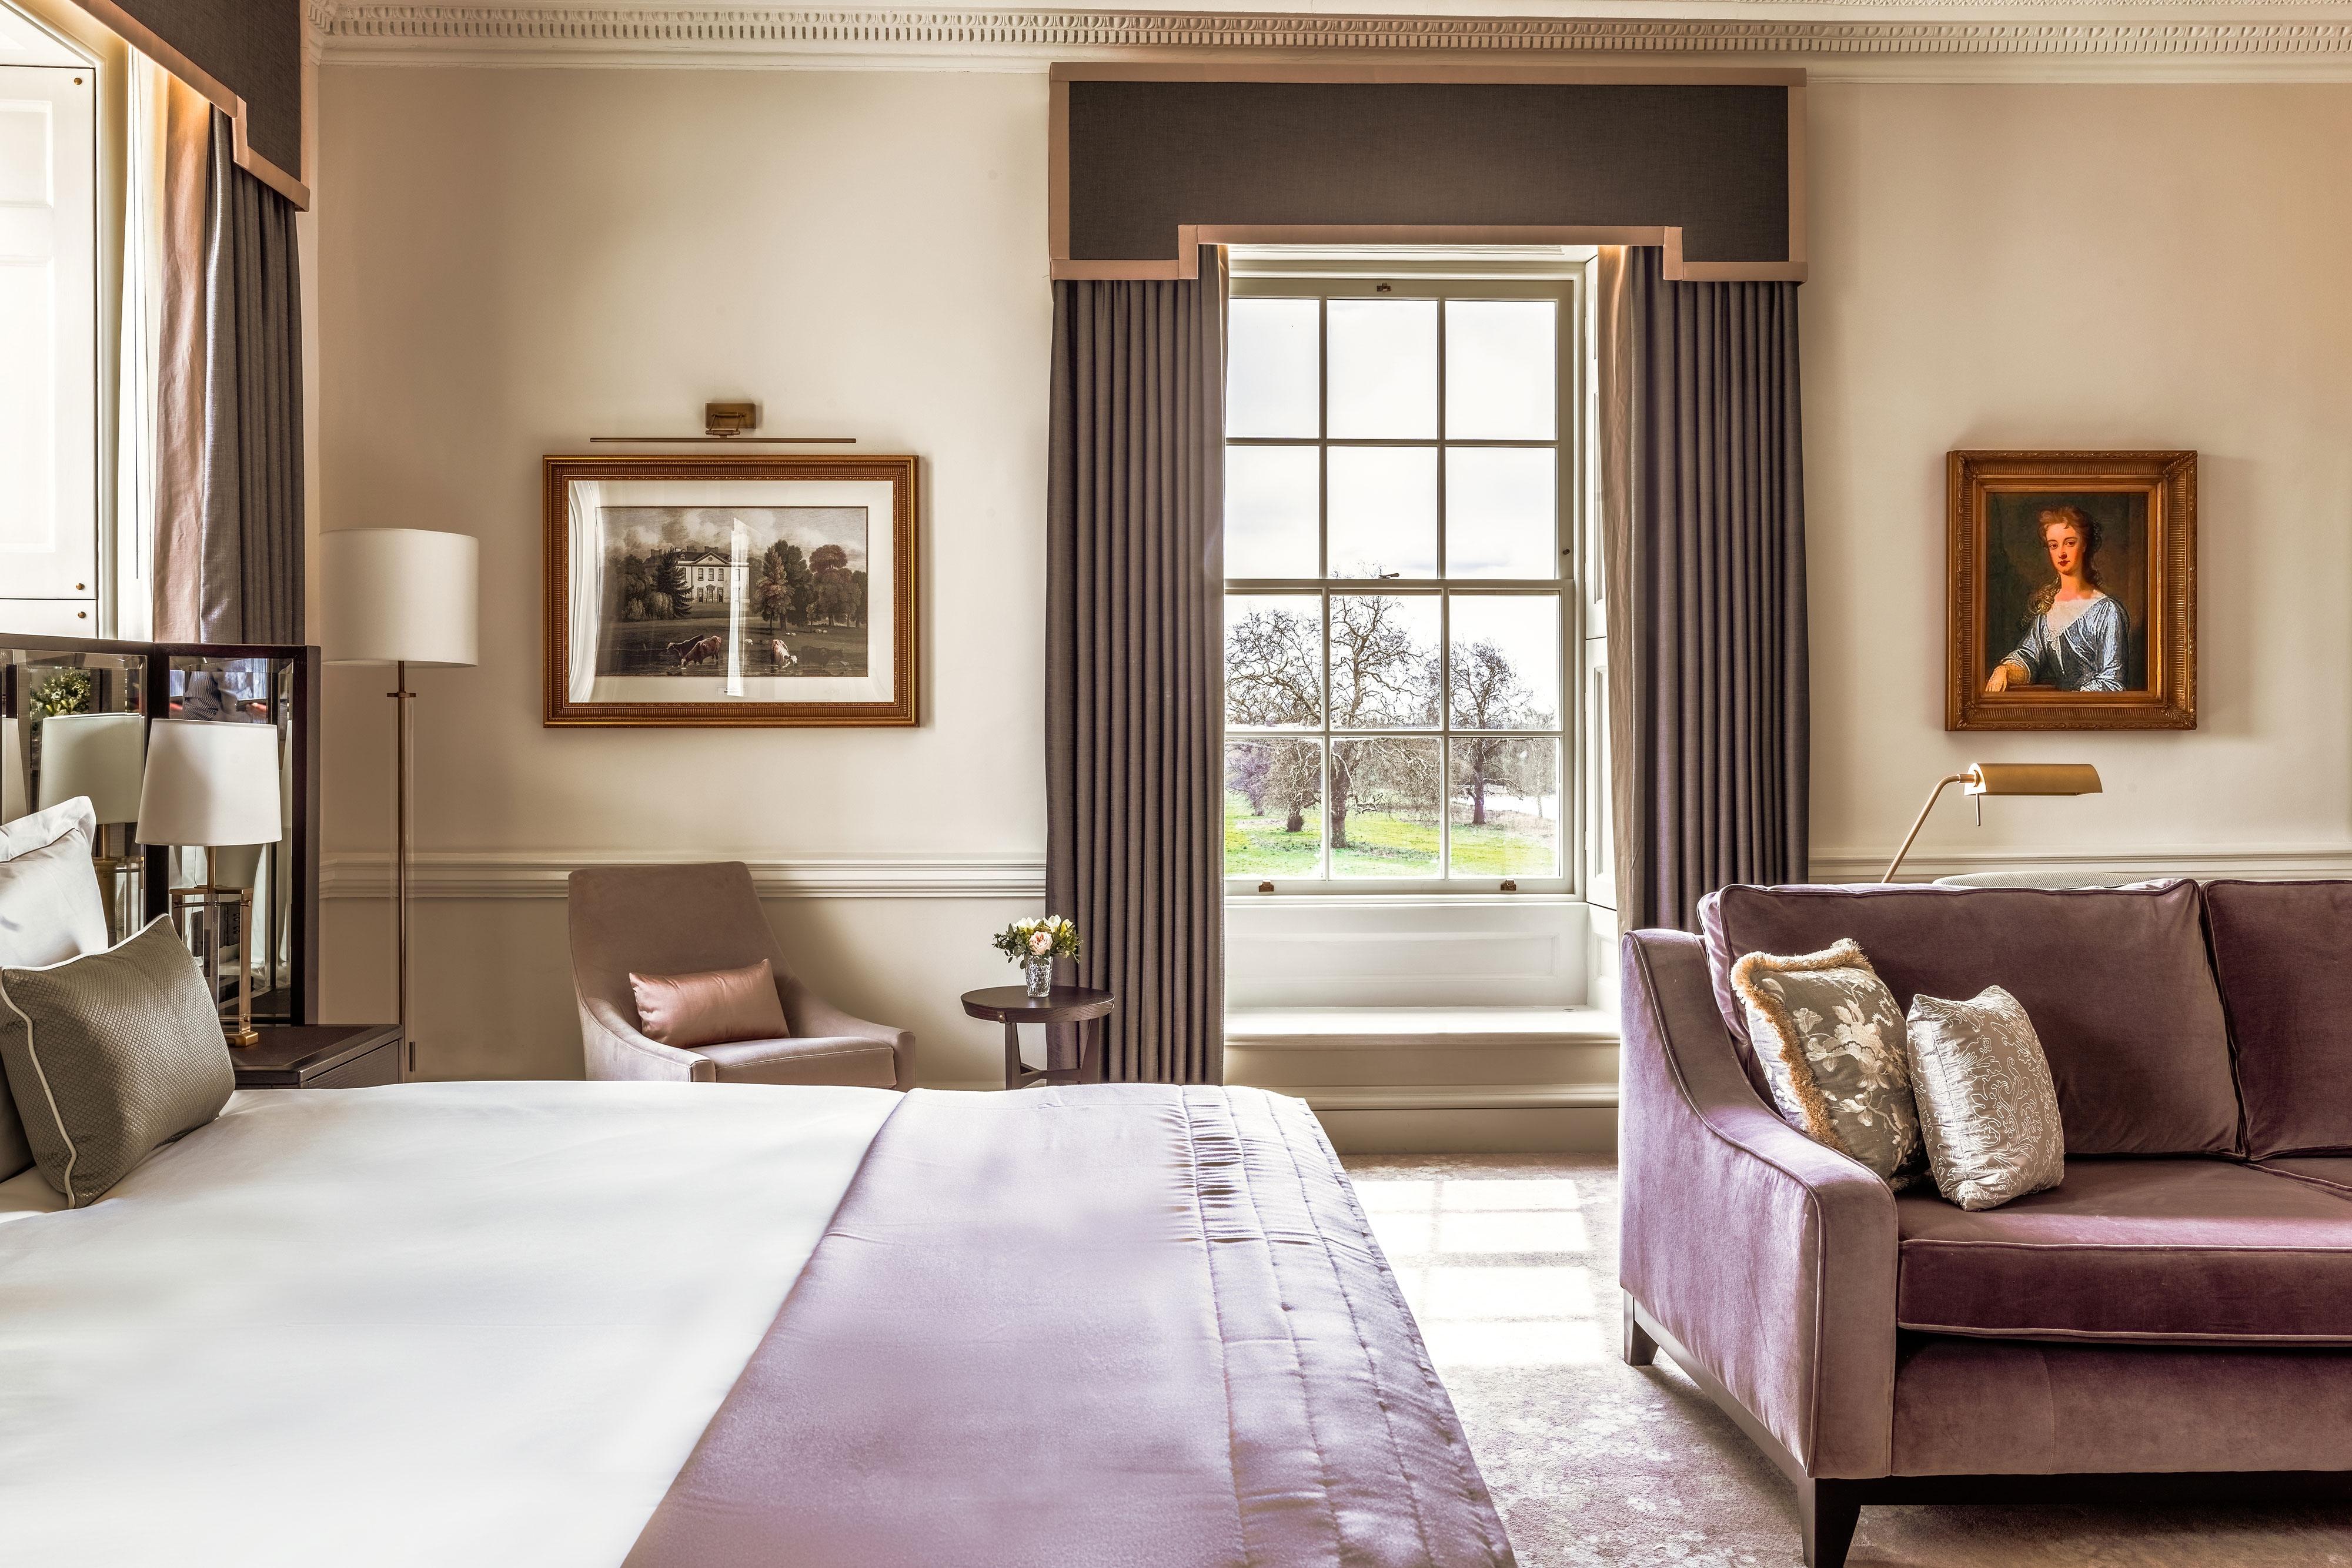 Suite Deluxe du bâtiment Main House avec lit king size